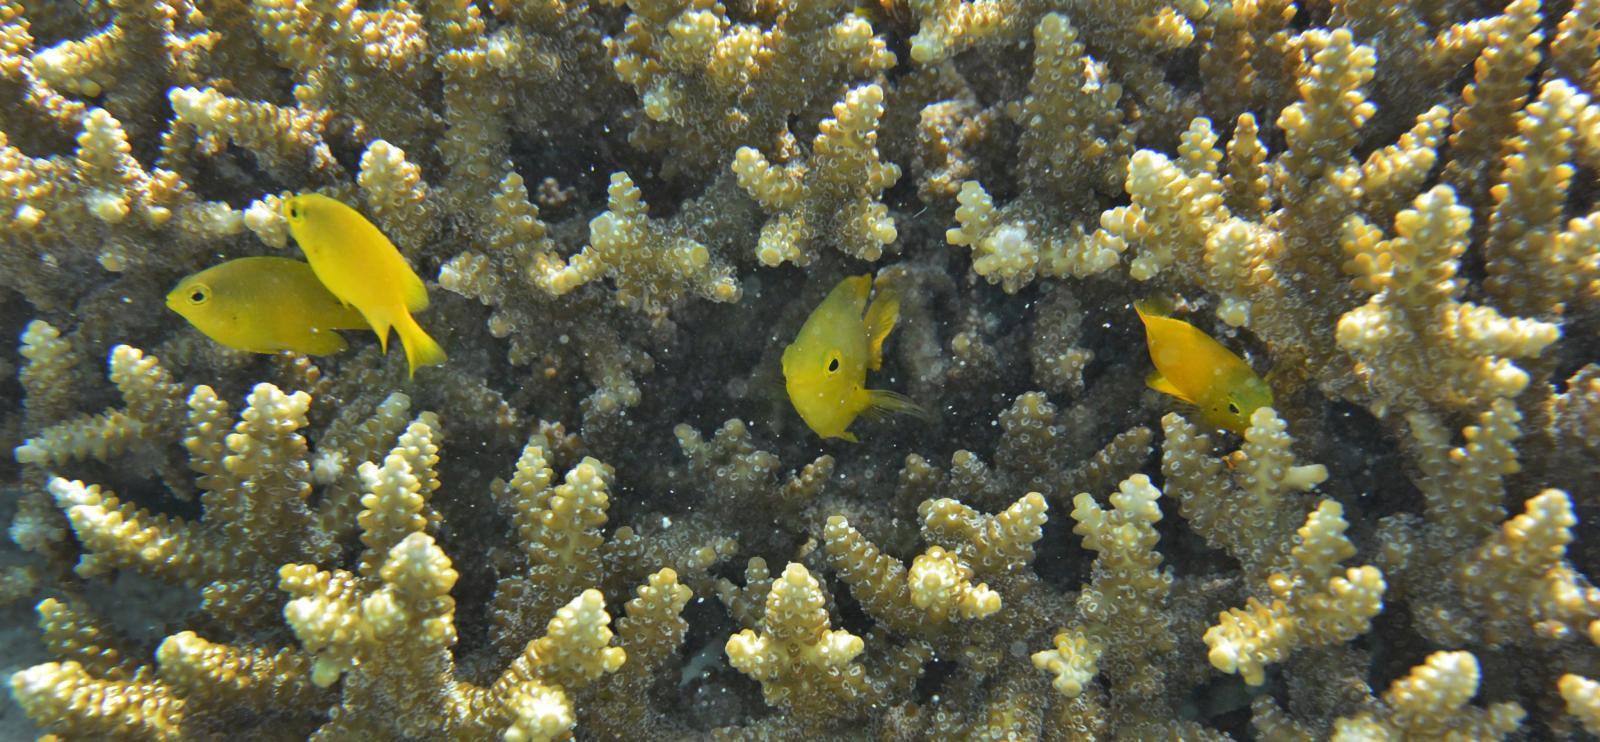 แนวปะการังทั่วโลกหายไปครึ่งหนึ่ง ในระยะเวลาเพียง 70 ปีที่ผ่านมา